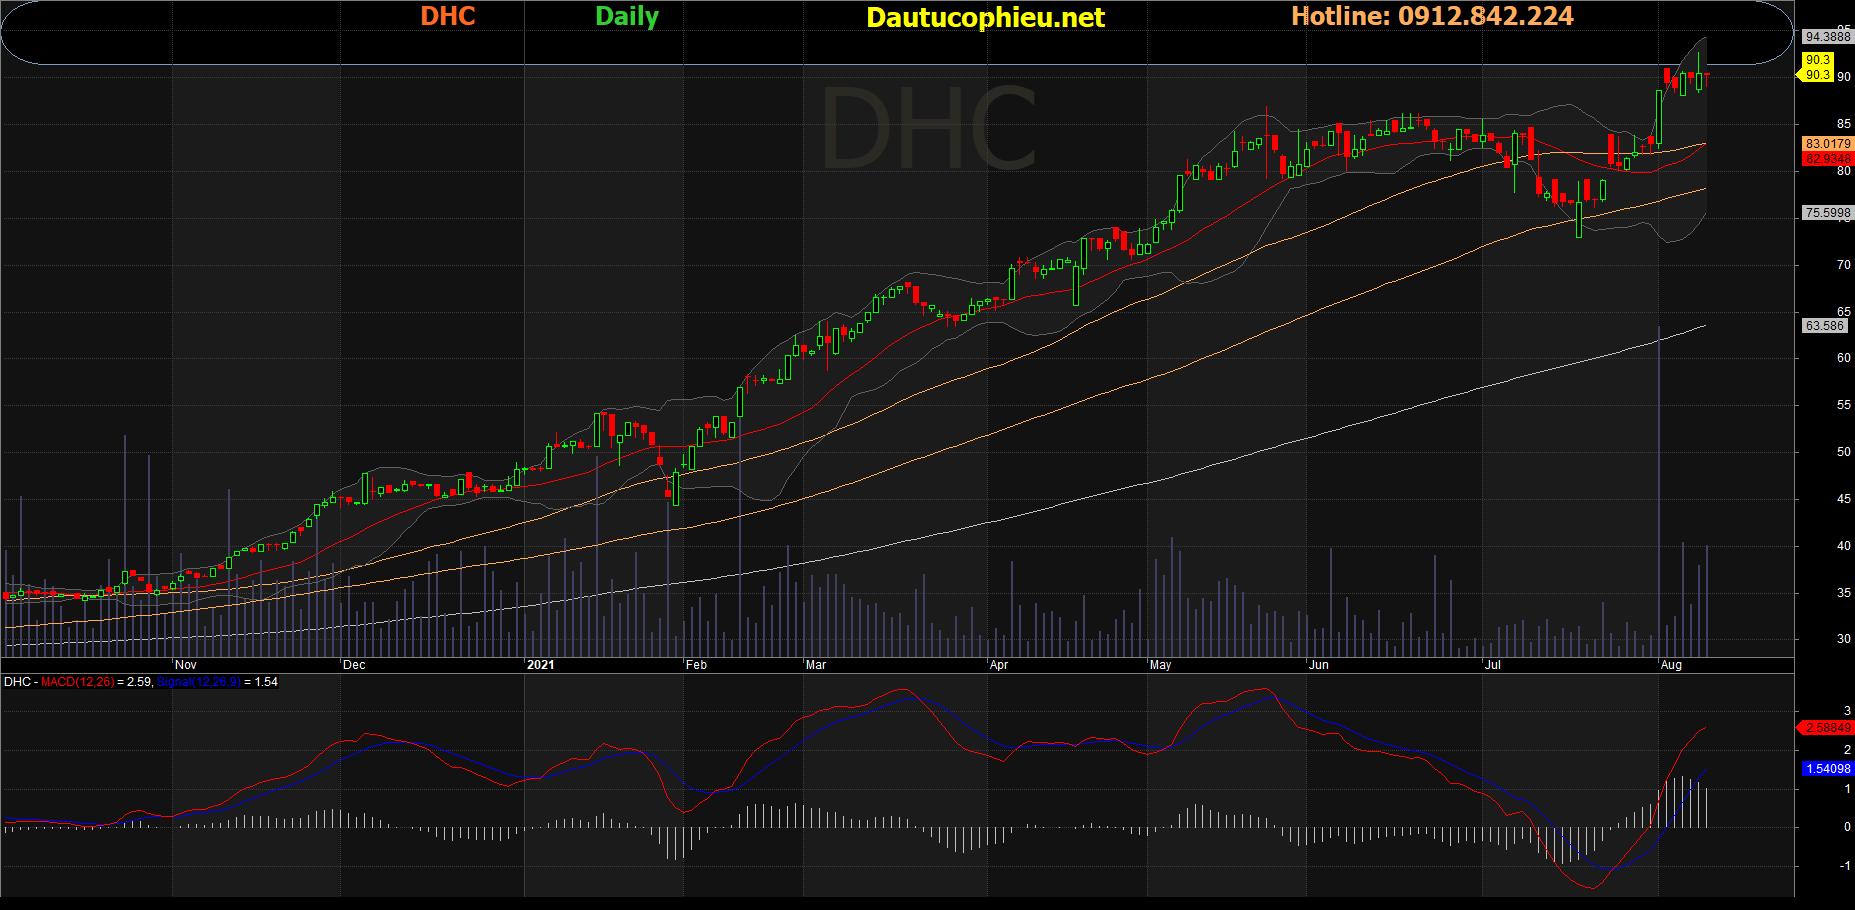 Đồ thị cổ phiếu DHC phiên giao dịch ngày 10/08/2021. Nguồn: AmiBroker